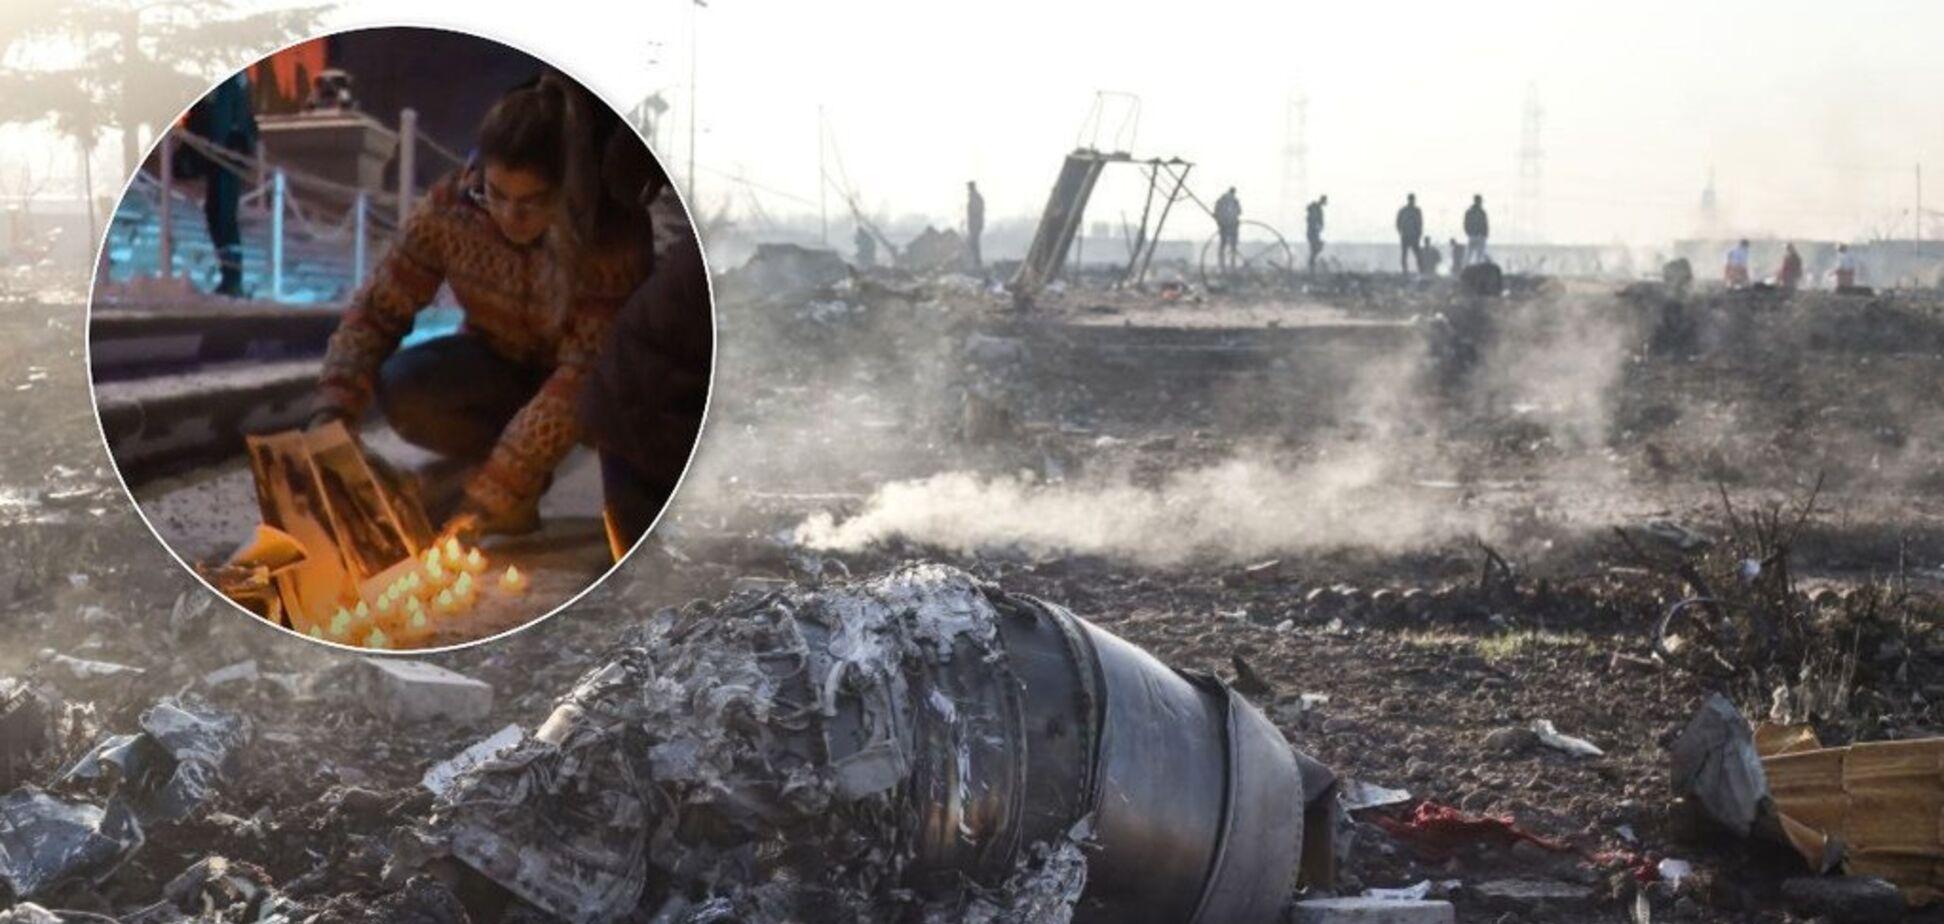 Целые семьи: как город в Канаде потерял 27 жителей в сбитом Boeing МАУ